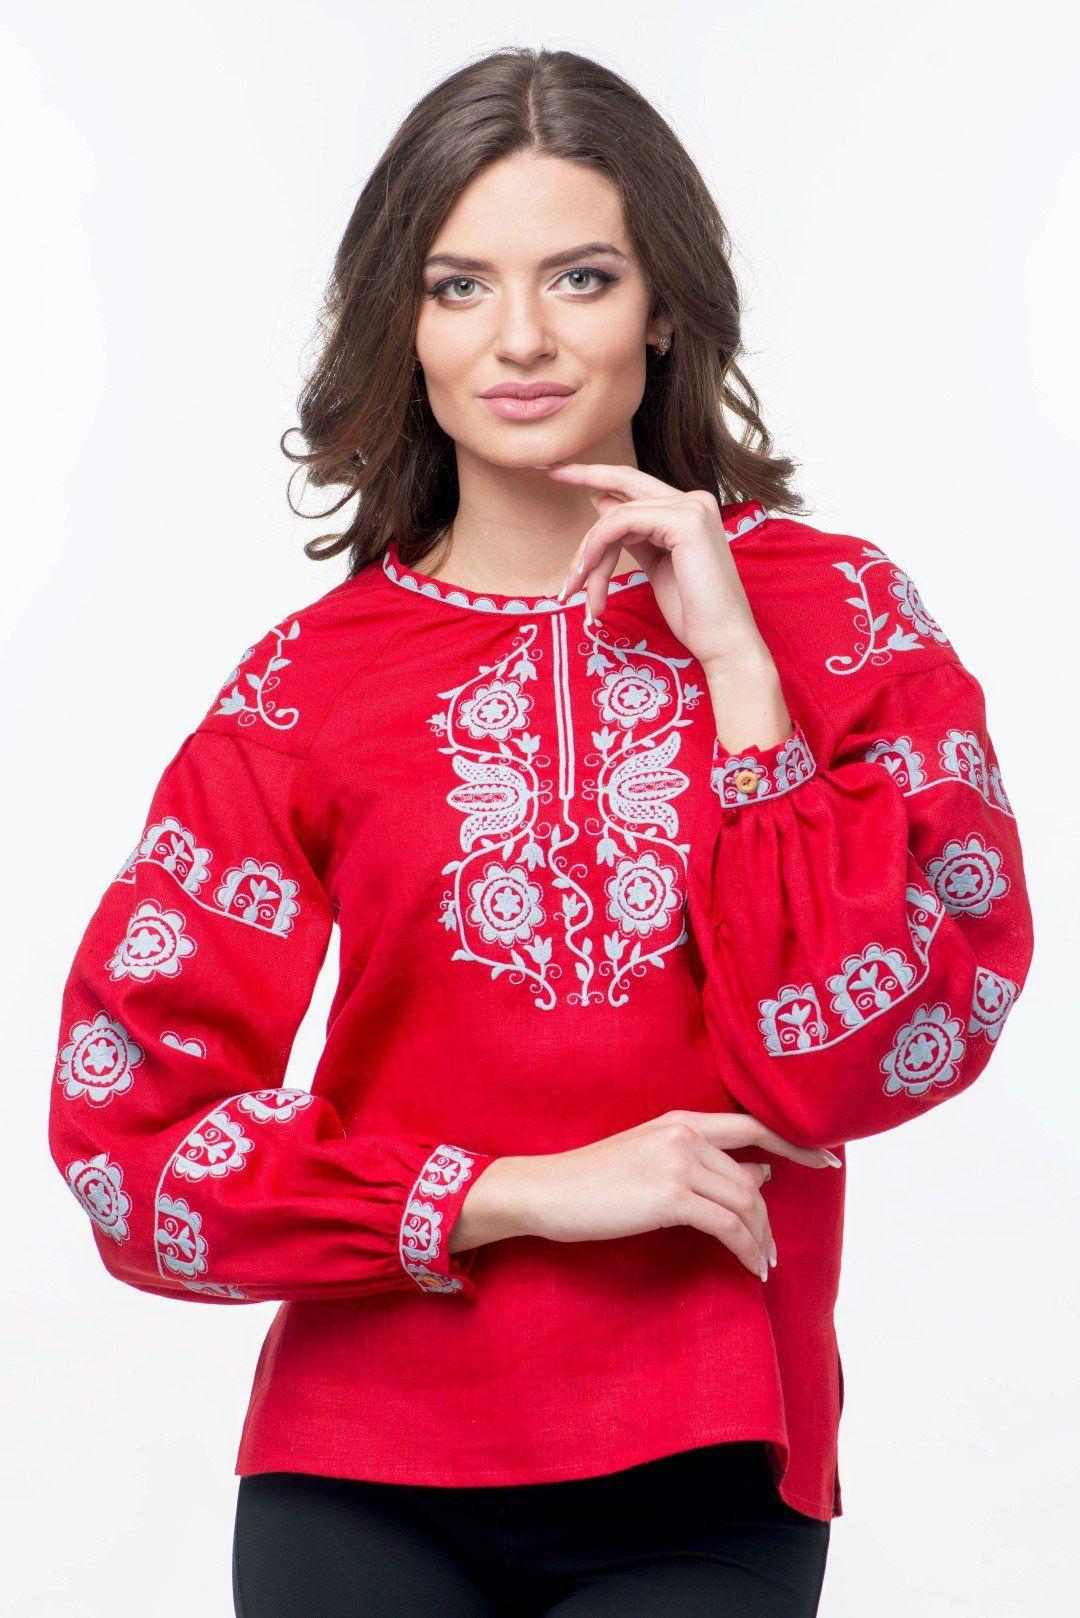 Жіноча вишиванка (755) Ця модель вишитої сорочки ідеально підійде для  яскравих та сміливих жінок aac64c618b2d3